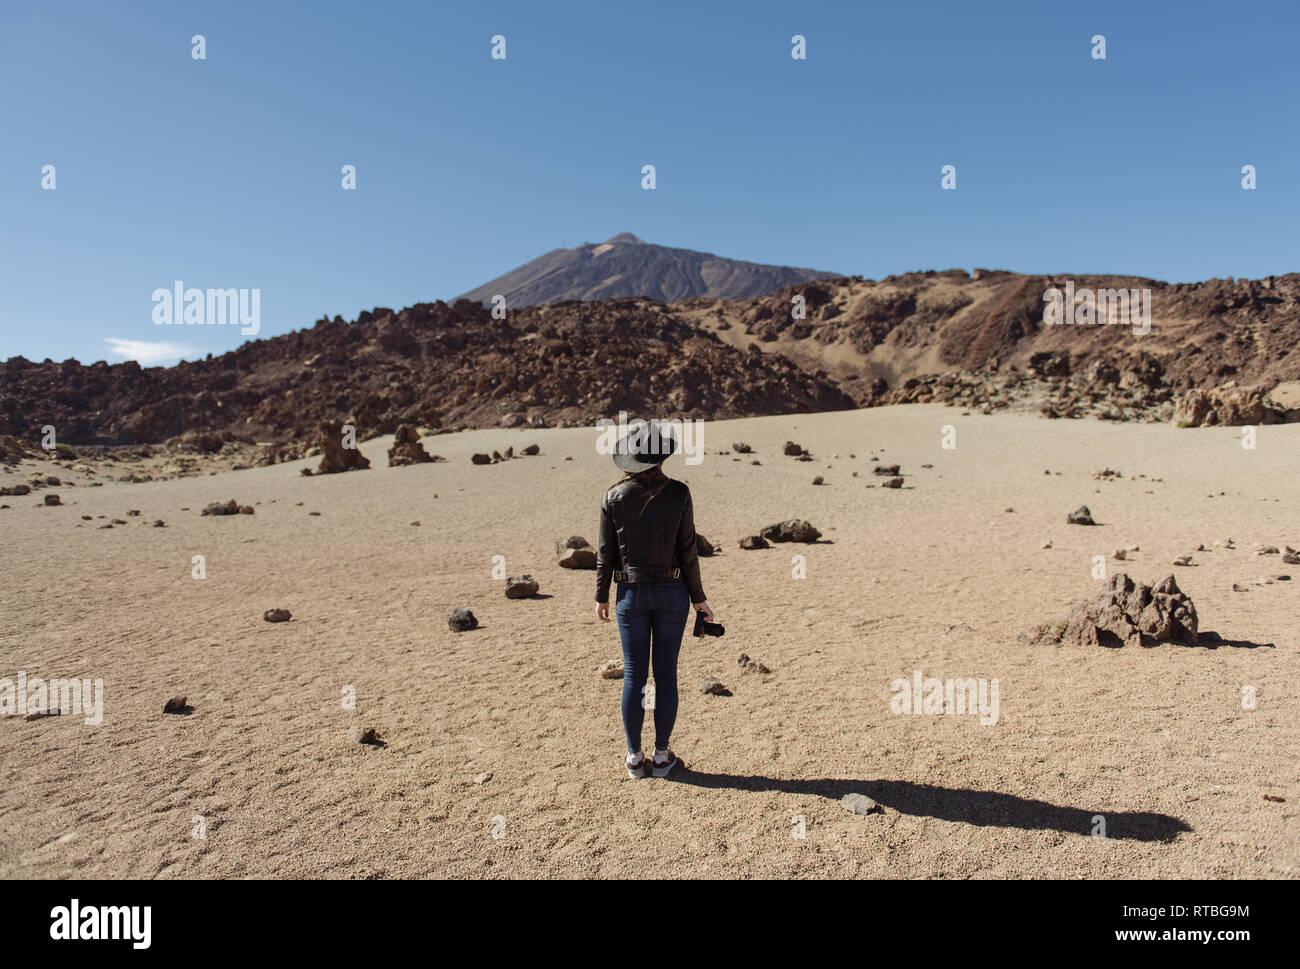 Rückansicht der Fotografin stehend mit Kamera und auf Hügeln in der Wüste Stockbild